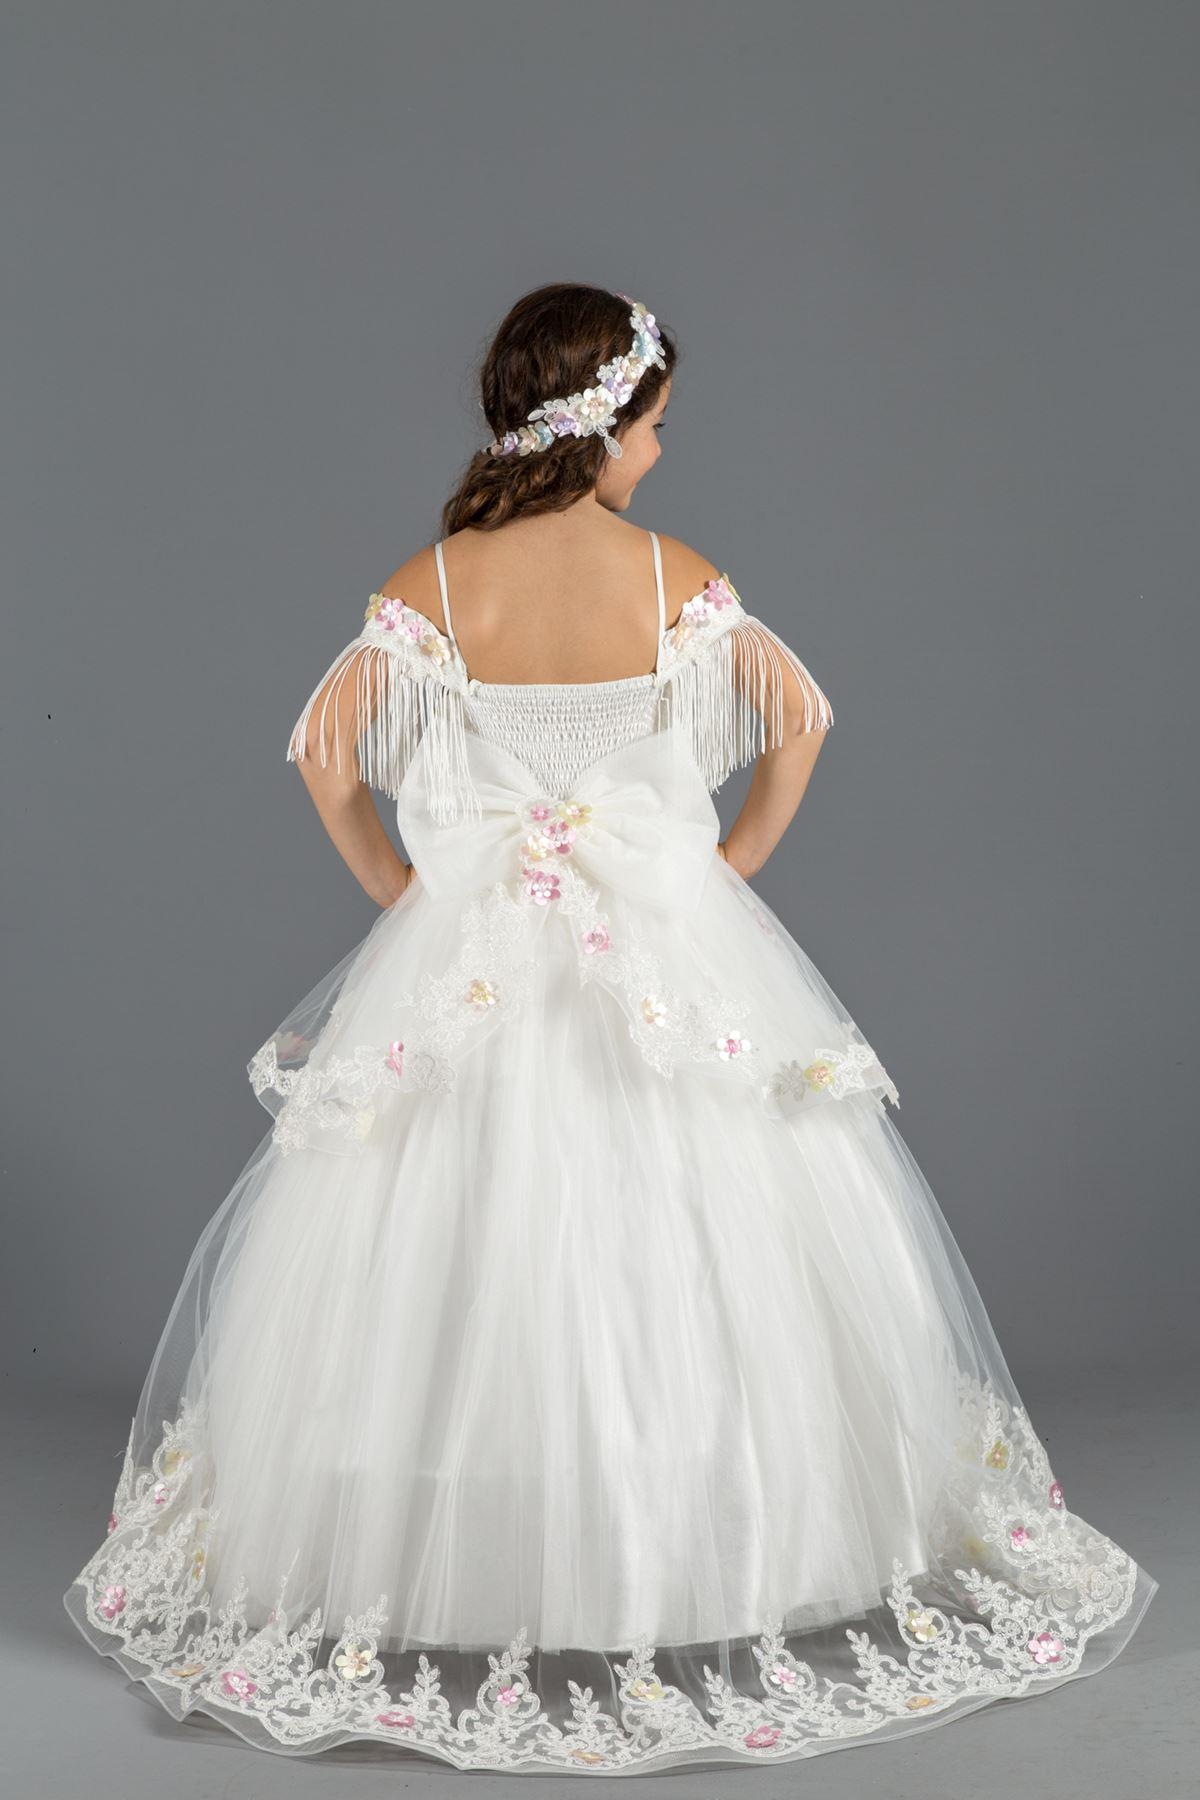 Bolyhos lány esti ruha vállrész részlet, 3 méretű virágok, Tulle 564 krém